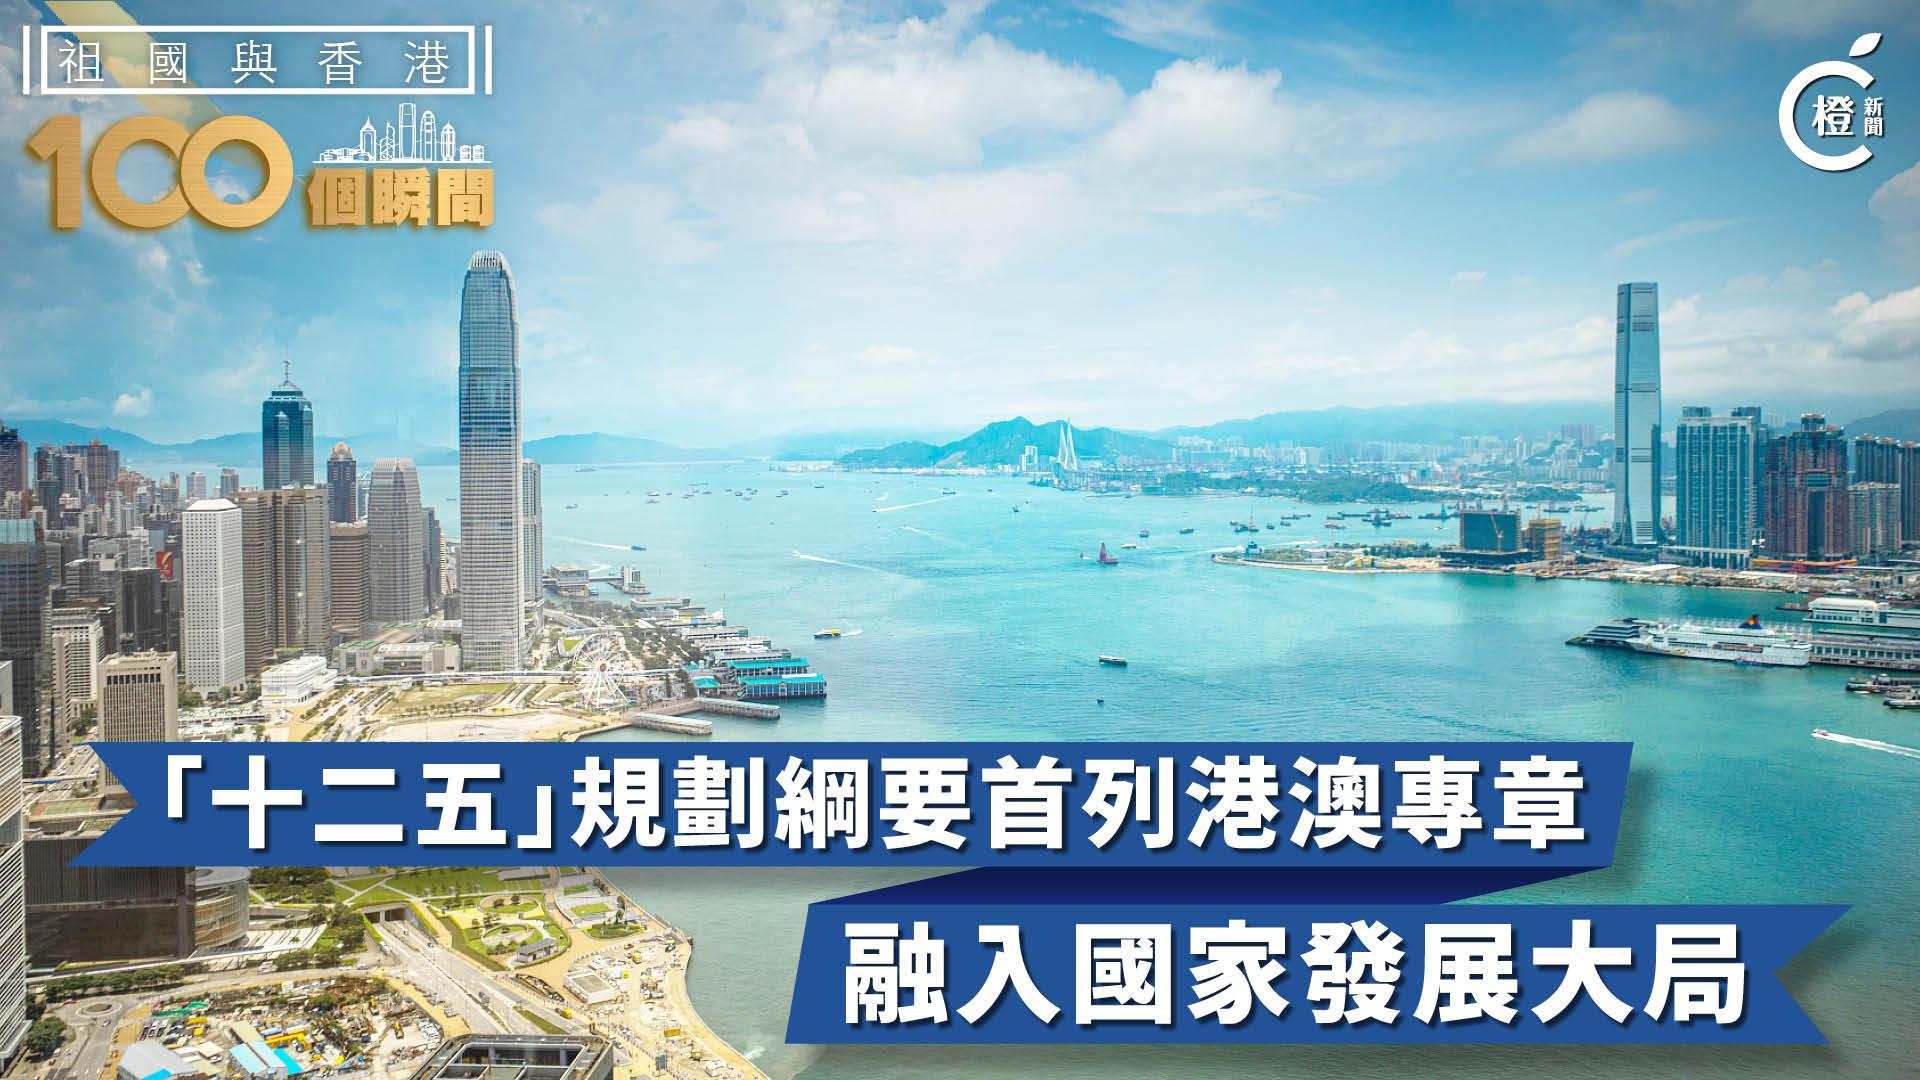 【祖國與香港100個瞬間】「十二五」規劃綱要首列港澳專章 助融入國家發展大局